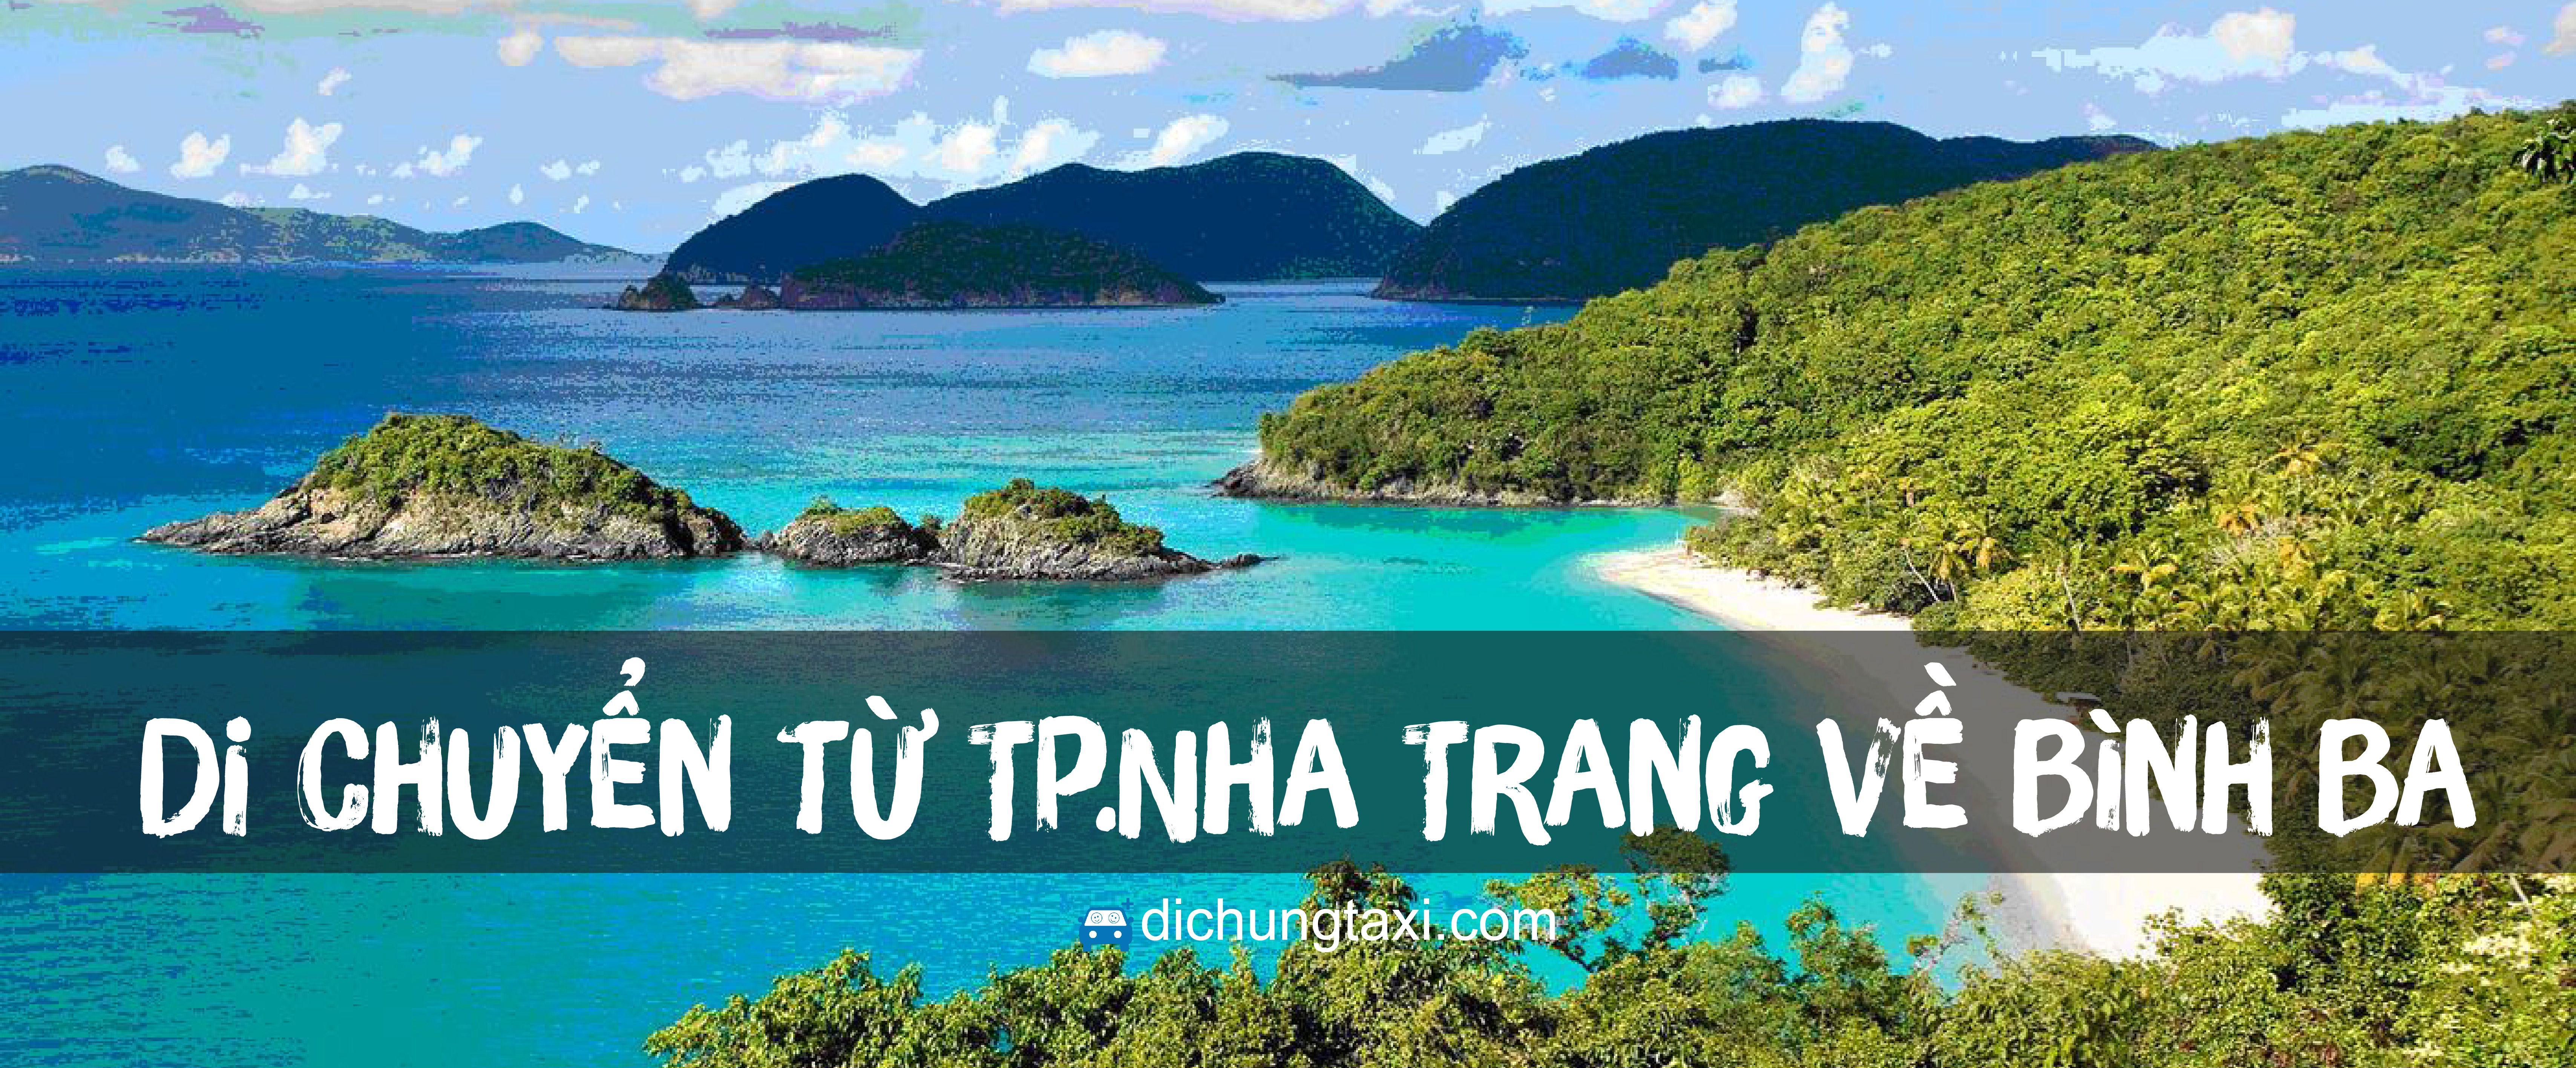 Di chuyển từ Nha Trang đi Bình Ba